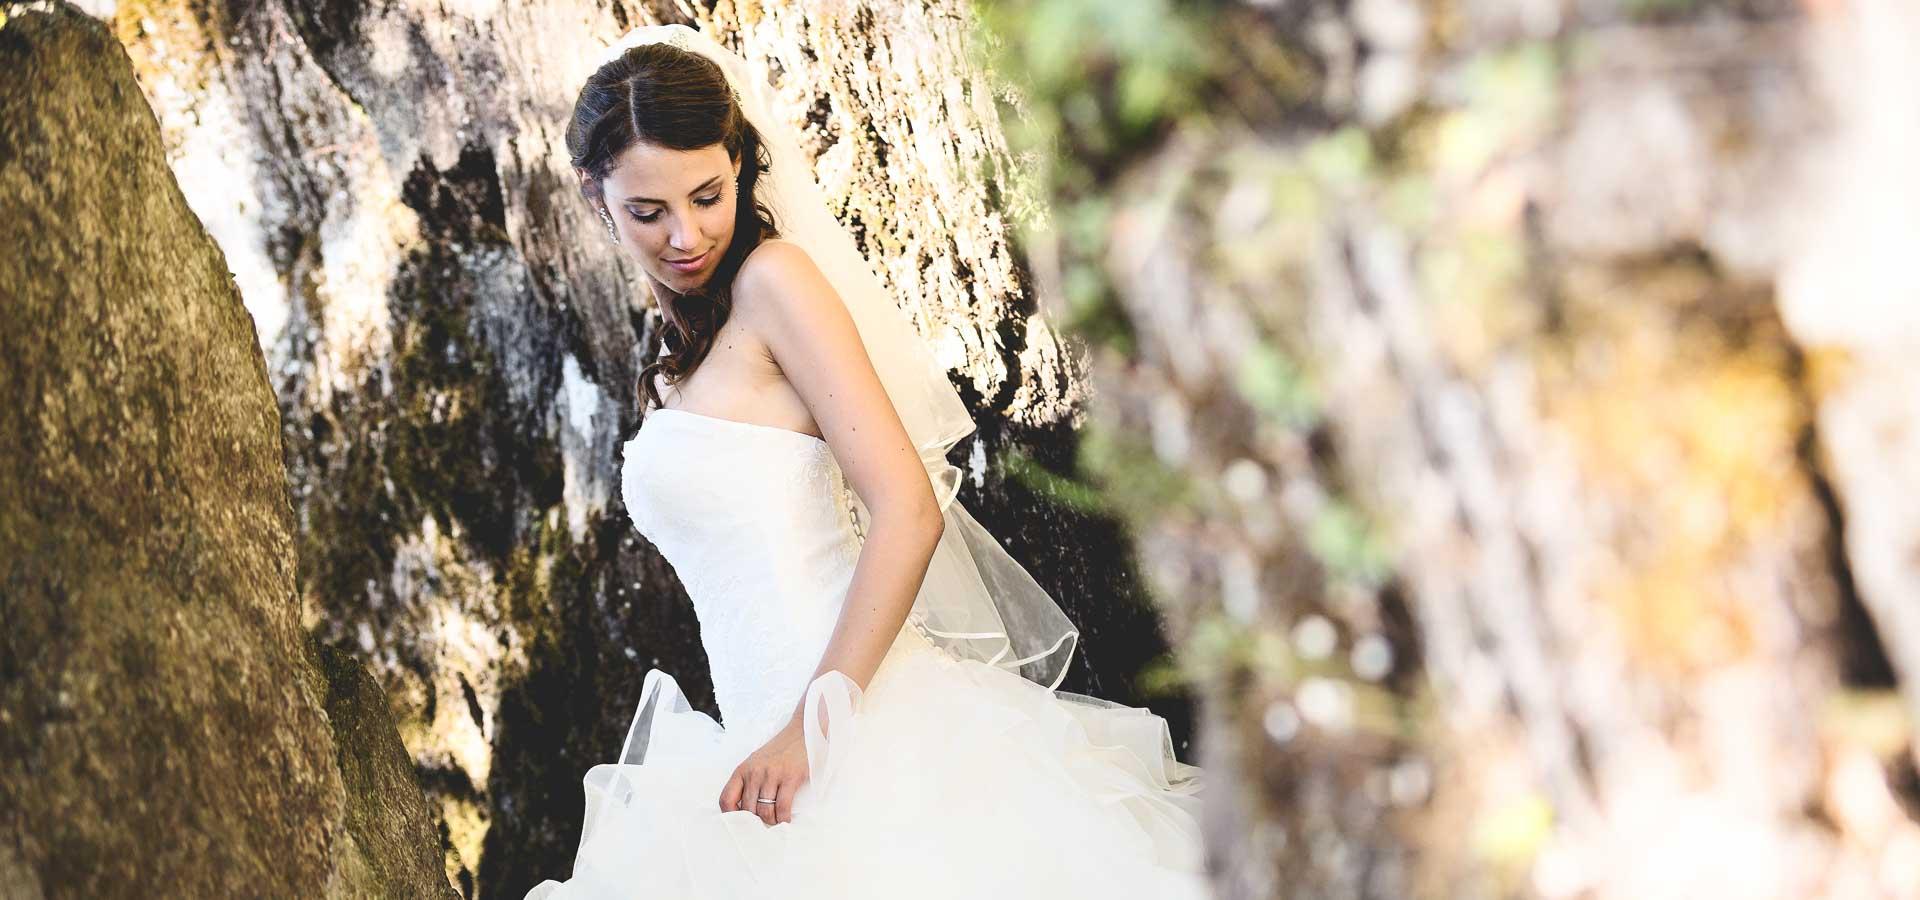 la sposa si arrampica tra le rocce dopo il matrimonio per scattare una foto d'impatto